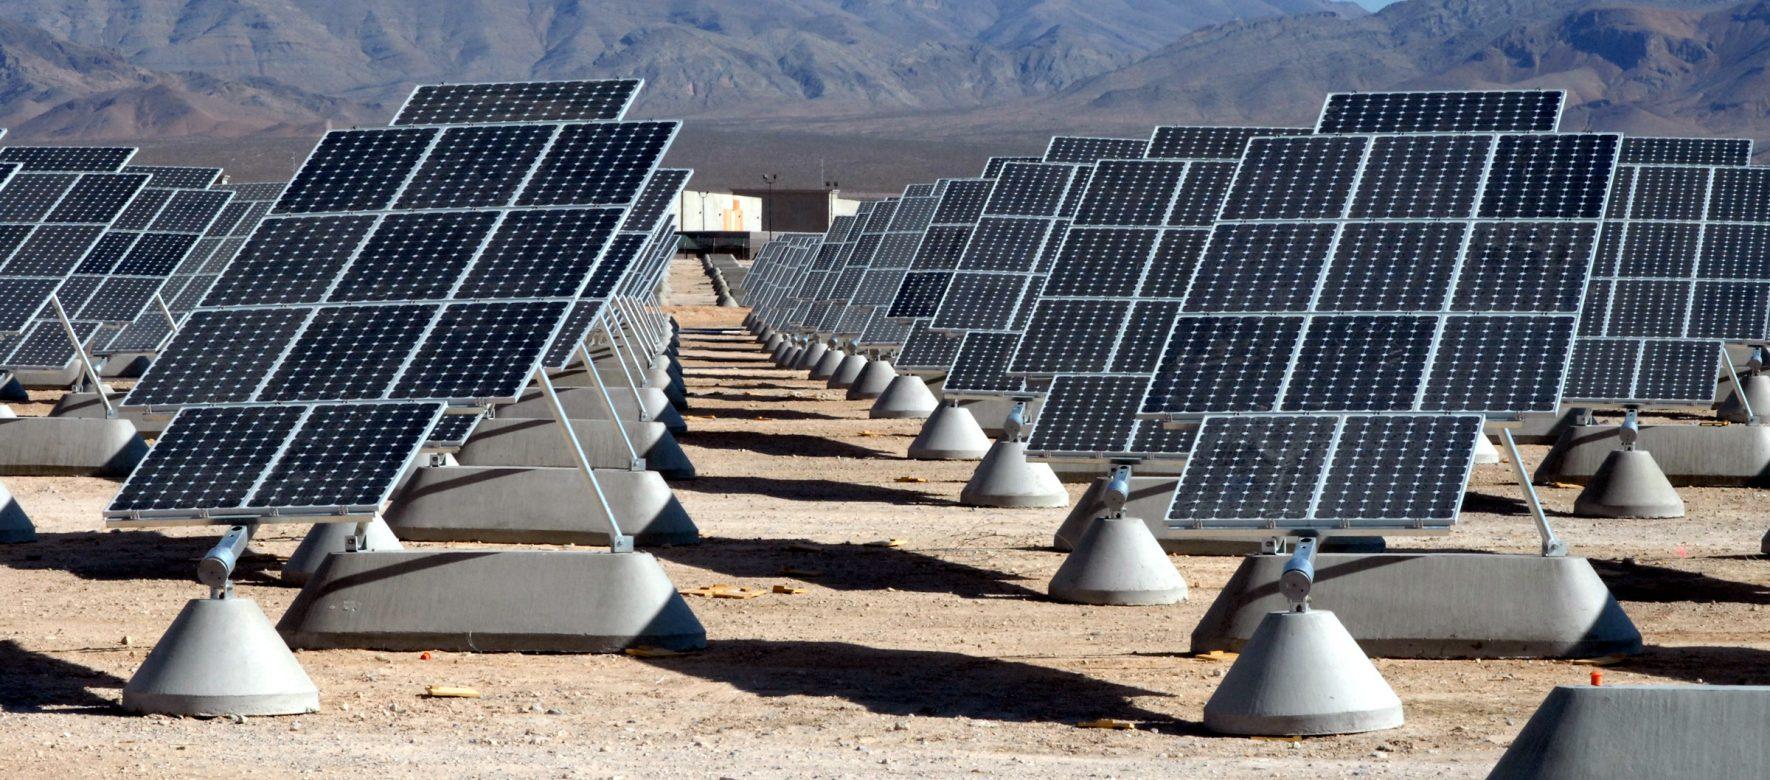 Un nouveau projet de centrales solaires de 300 millions de dollars bientôt lancé en Egypte